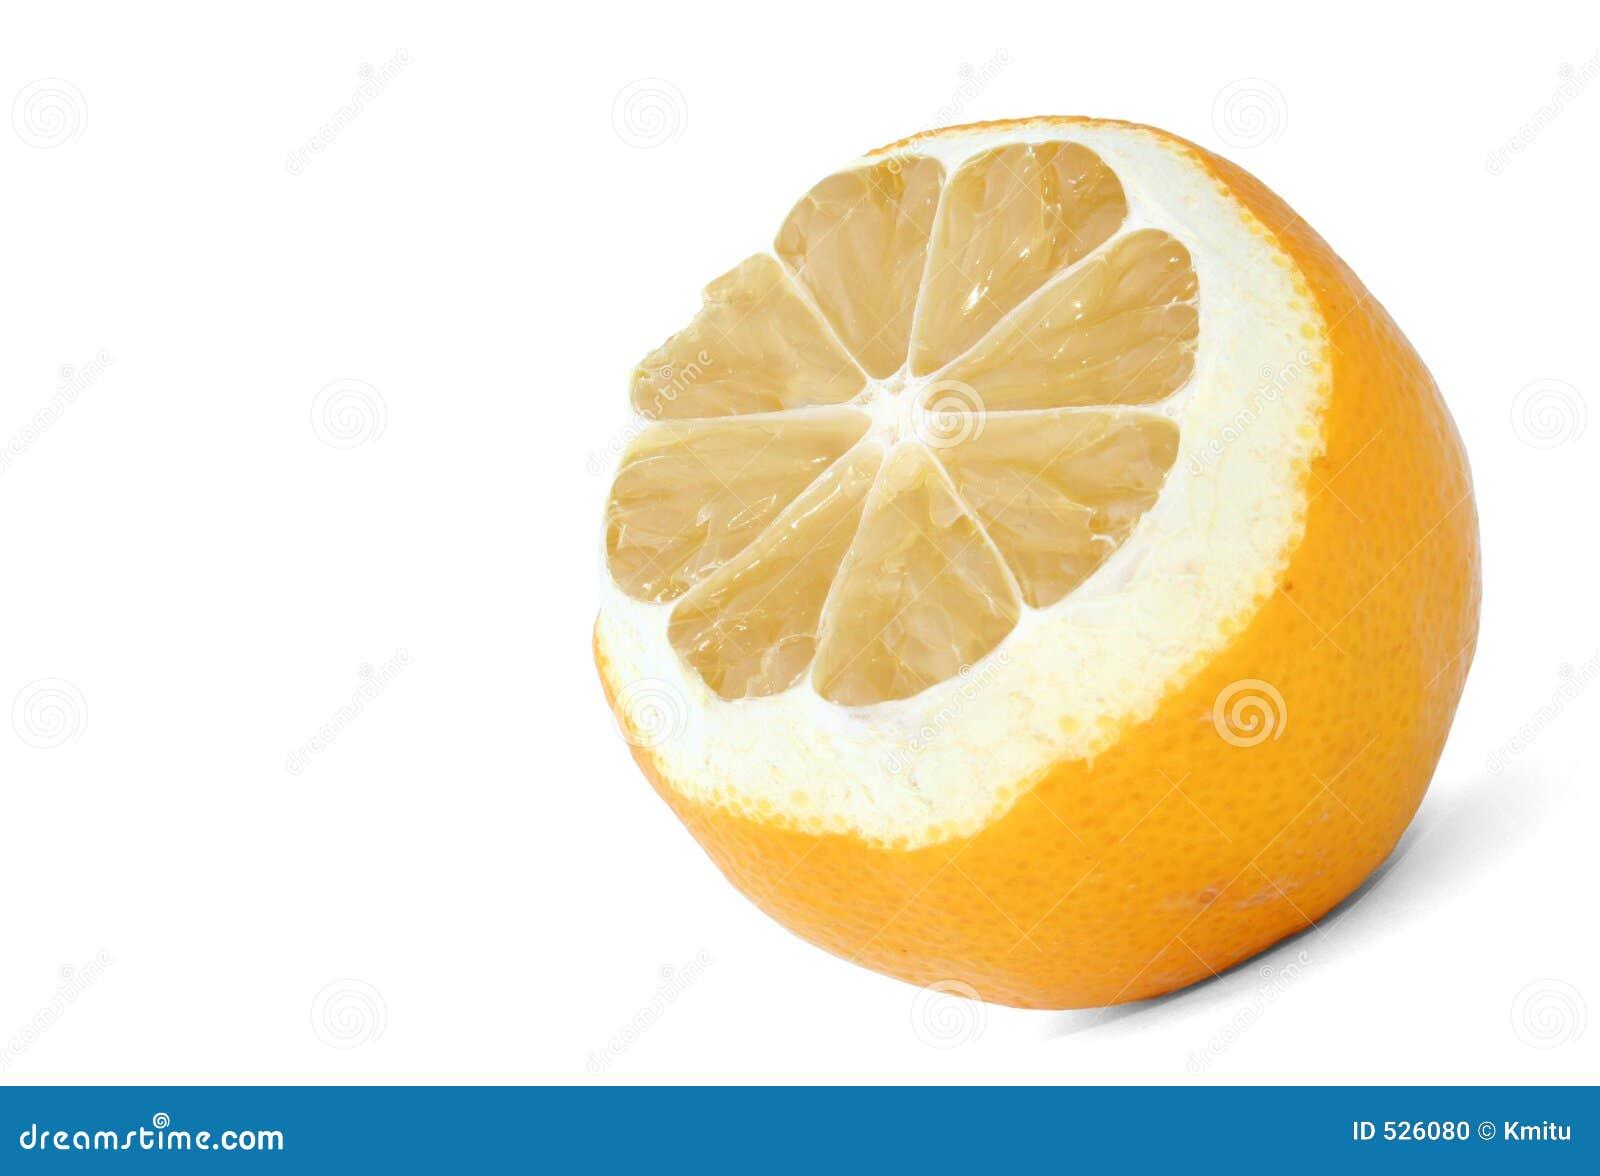 Download 柠檬配置文件 库存照片. 图片 包括有 水果, 水多, 结构, 维生素, 宏指令, 黏浆状物质, 骨肉, 酸化 - 526080